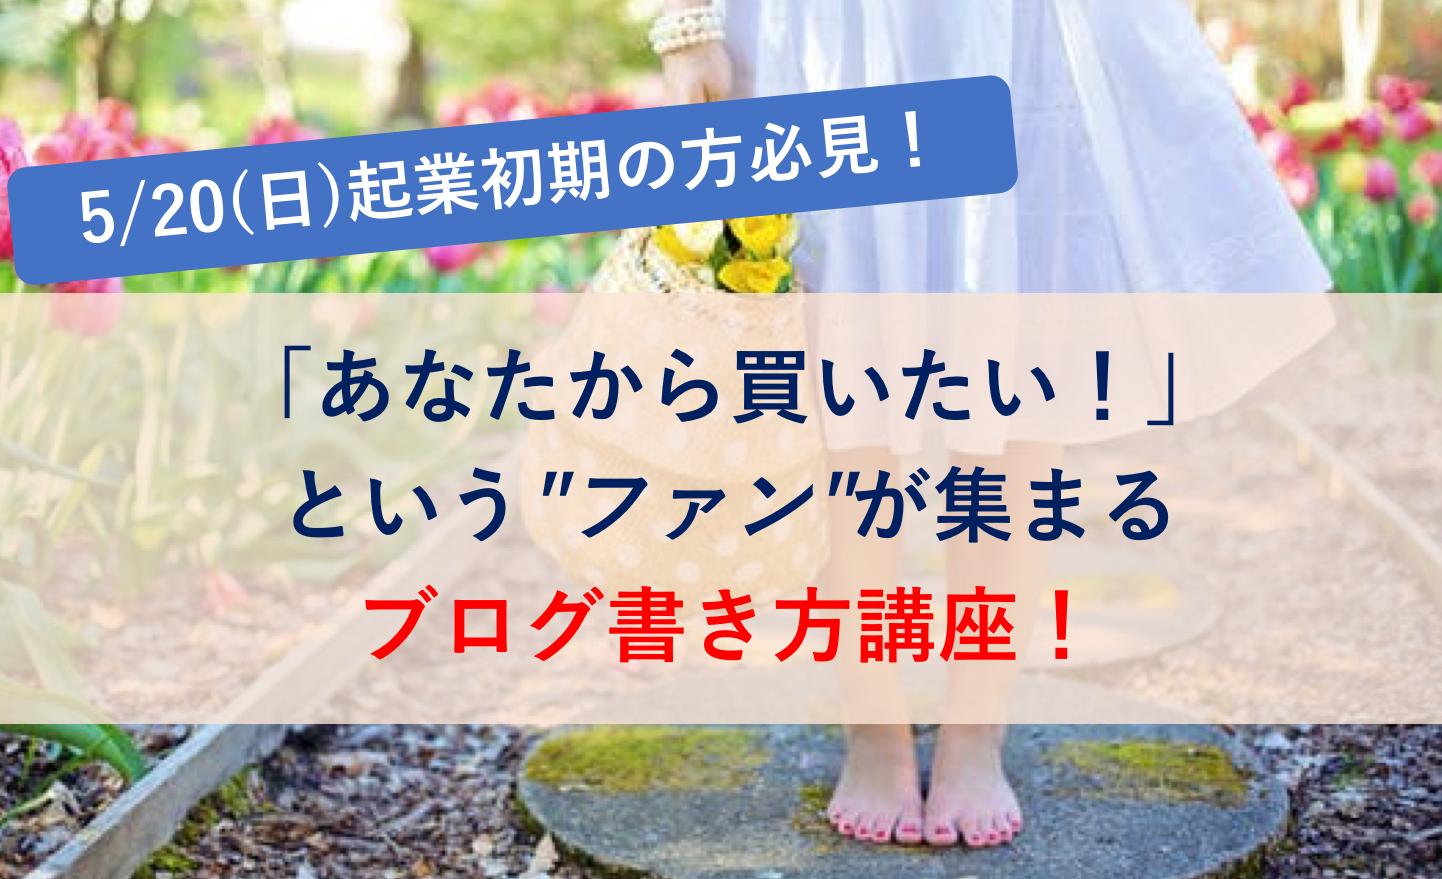 【第9回勉強会】5/20(日)起業初期の方必見!「あなたから買いたい!」というファンが集まるブログ書き方講座!(終了)